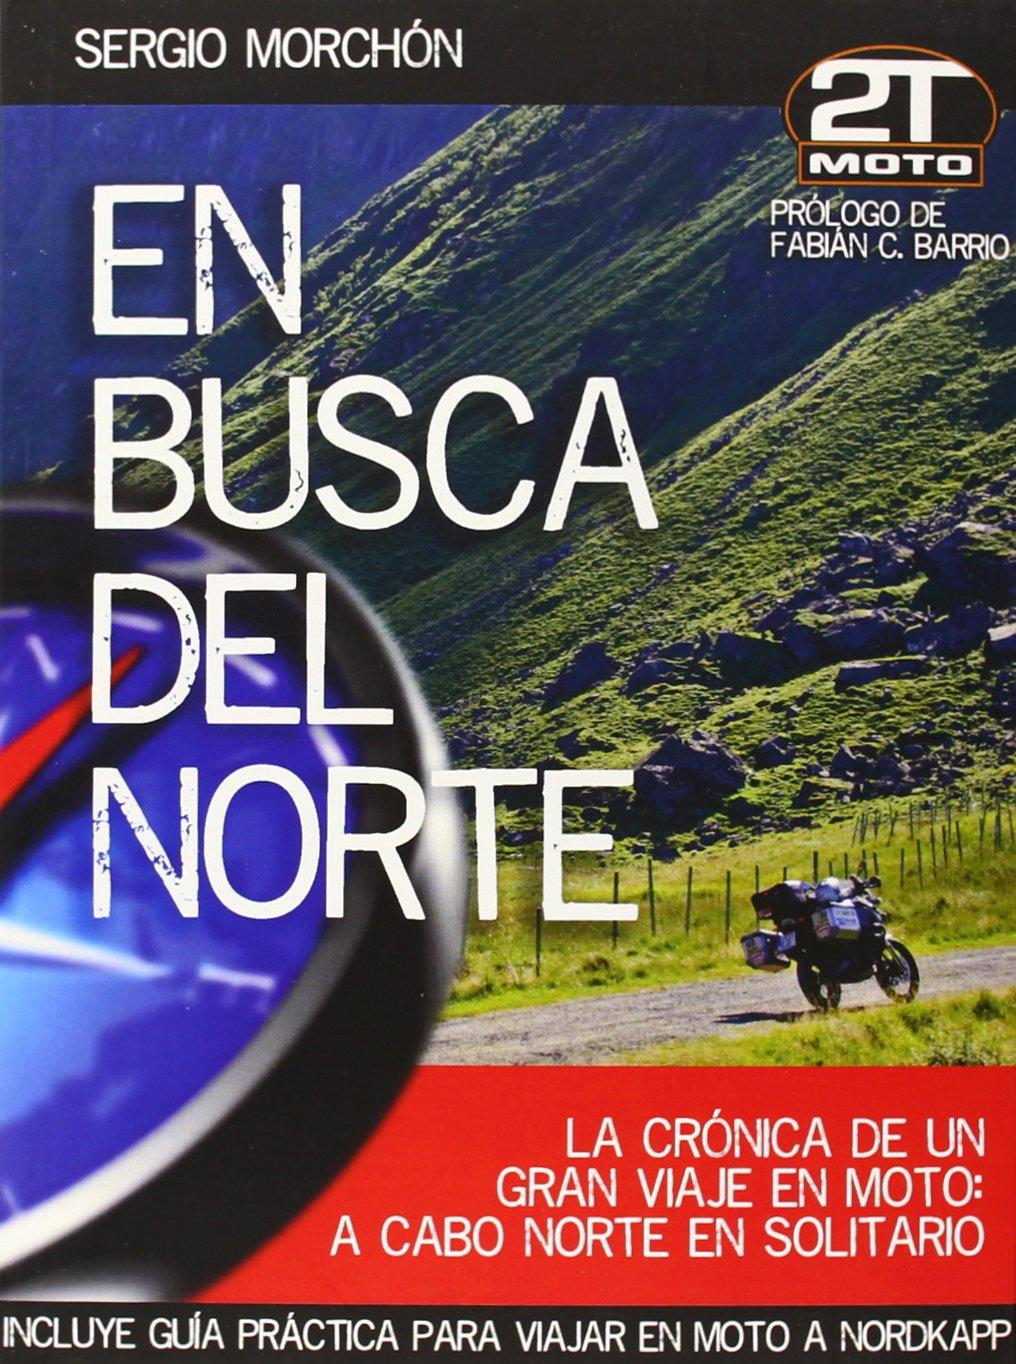 En busca del norte. La crónica de un agran viaje en moto a Cabo Norte en solitario. 2TMoto. Tapa dura – 17 jun 2014 Sergio Morchón 8461696867 Motero Noruega